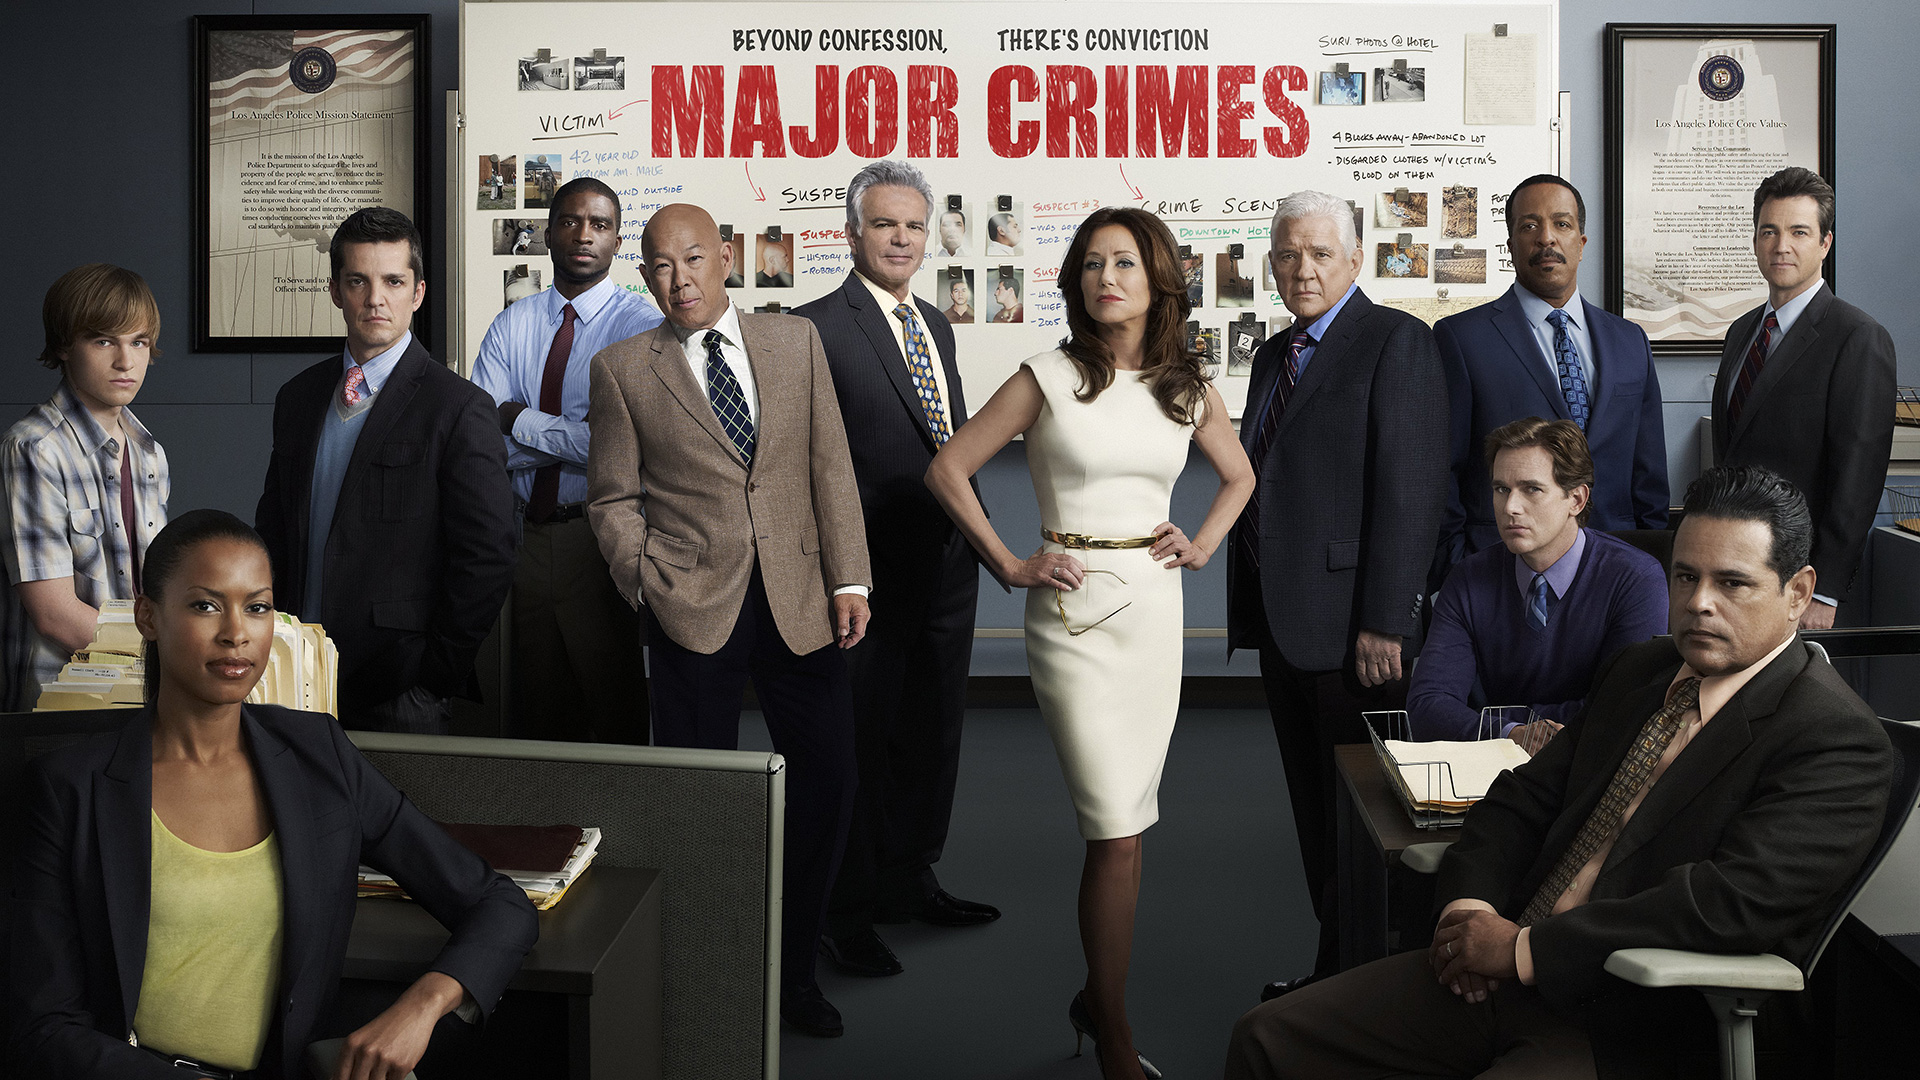 Major Crimes 5x21 Esp Disponible